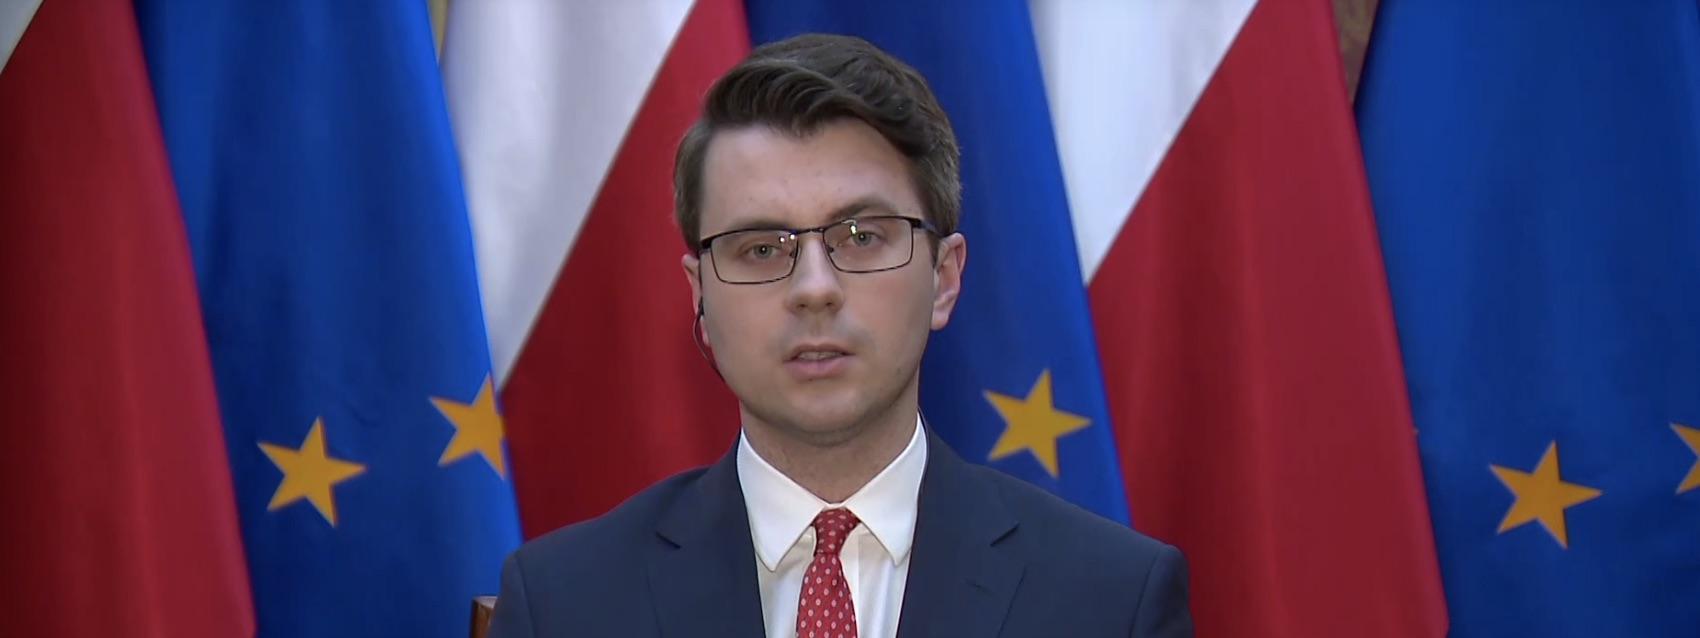 Müller: Może byćsytuacja, w której nie będzie możliwe głosowanie 10 maja. Przecieżnie wiemy, jak sięrozwinie epidemia. Projekt nie zakłada, żewybory na 100% odbędą się10 maja. Tworzy tylko warunki do głosowania korespondencyjnego